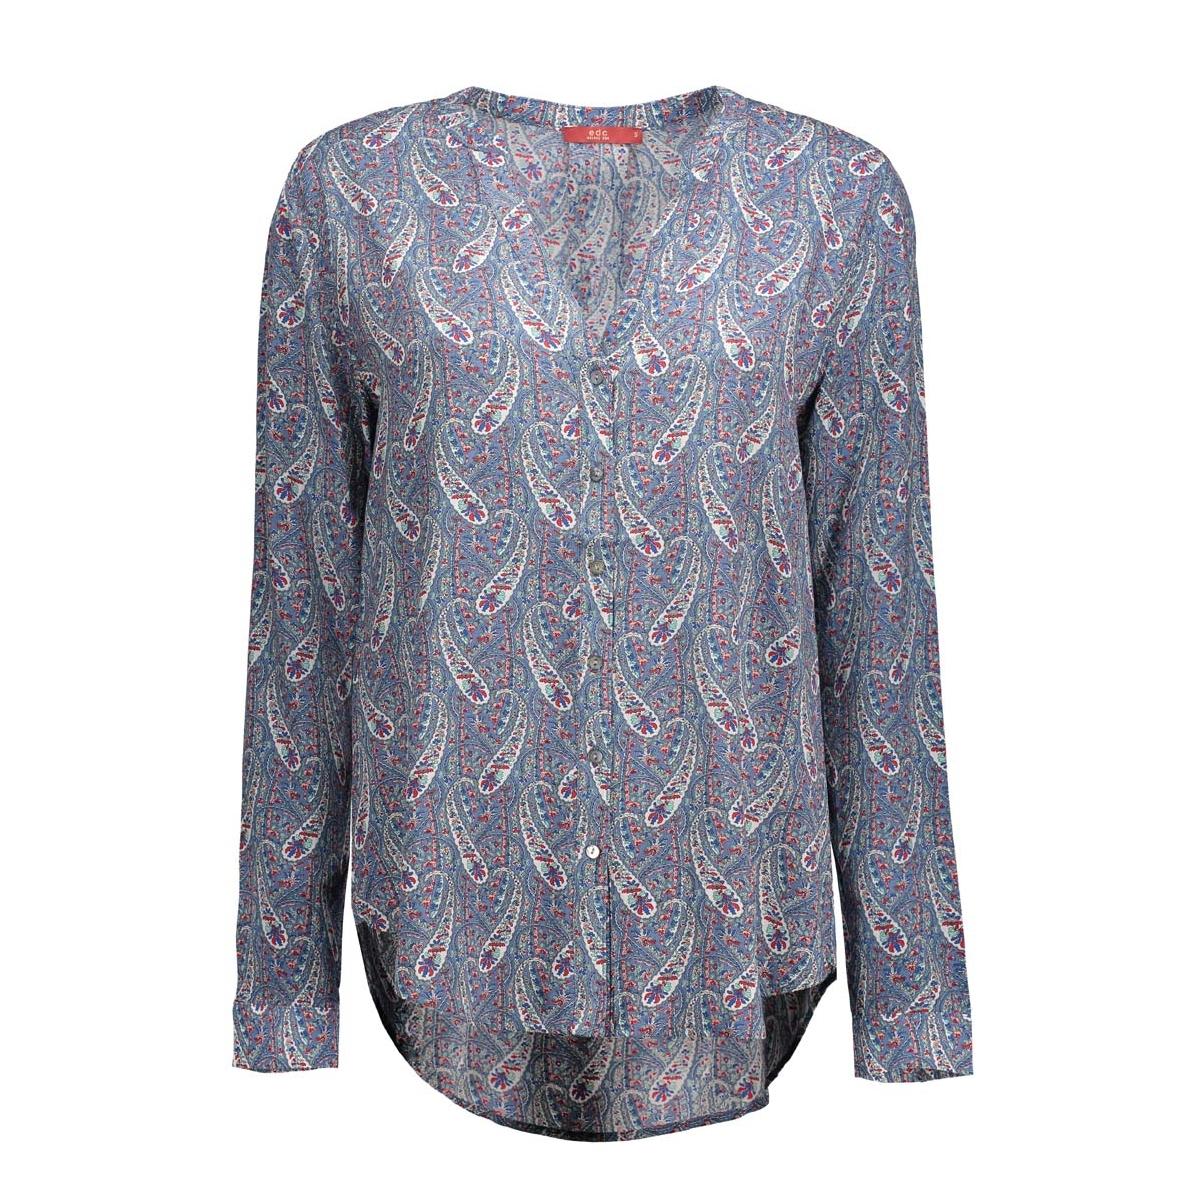 016cc1f018 edc blouse c420